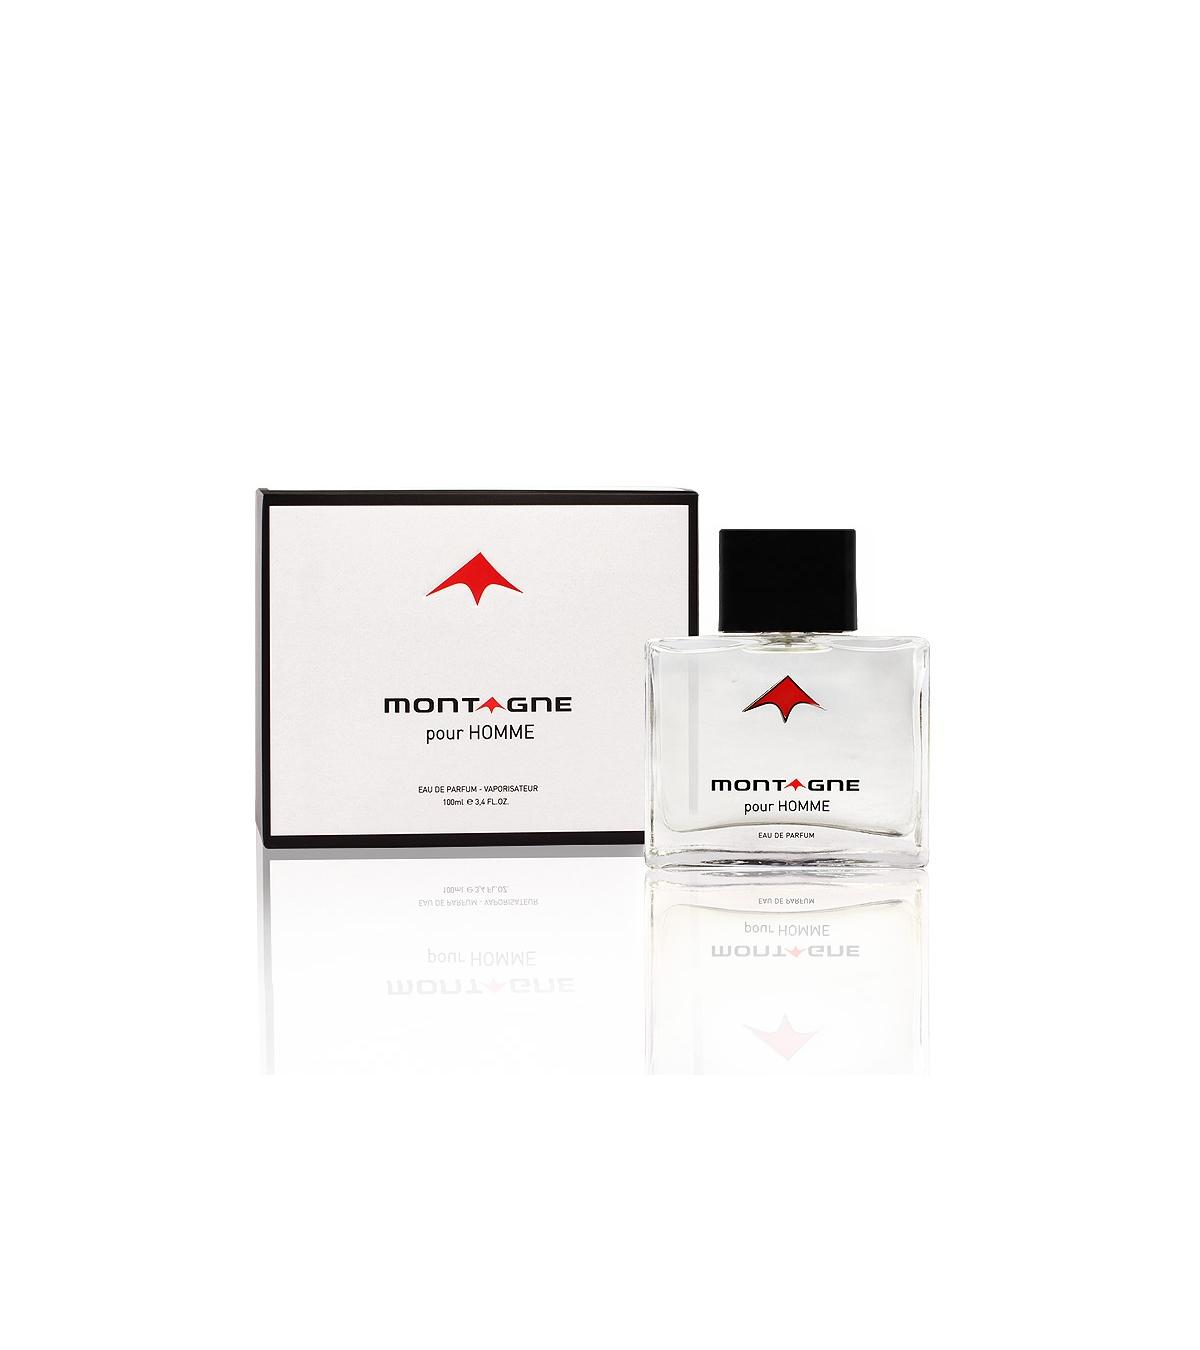 Perfume de hombre Montagne 50 ml